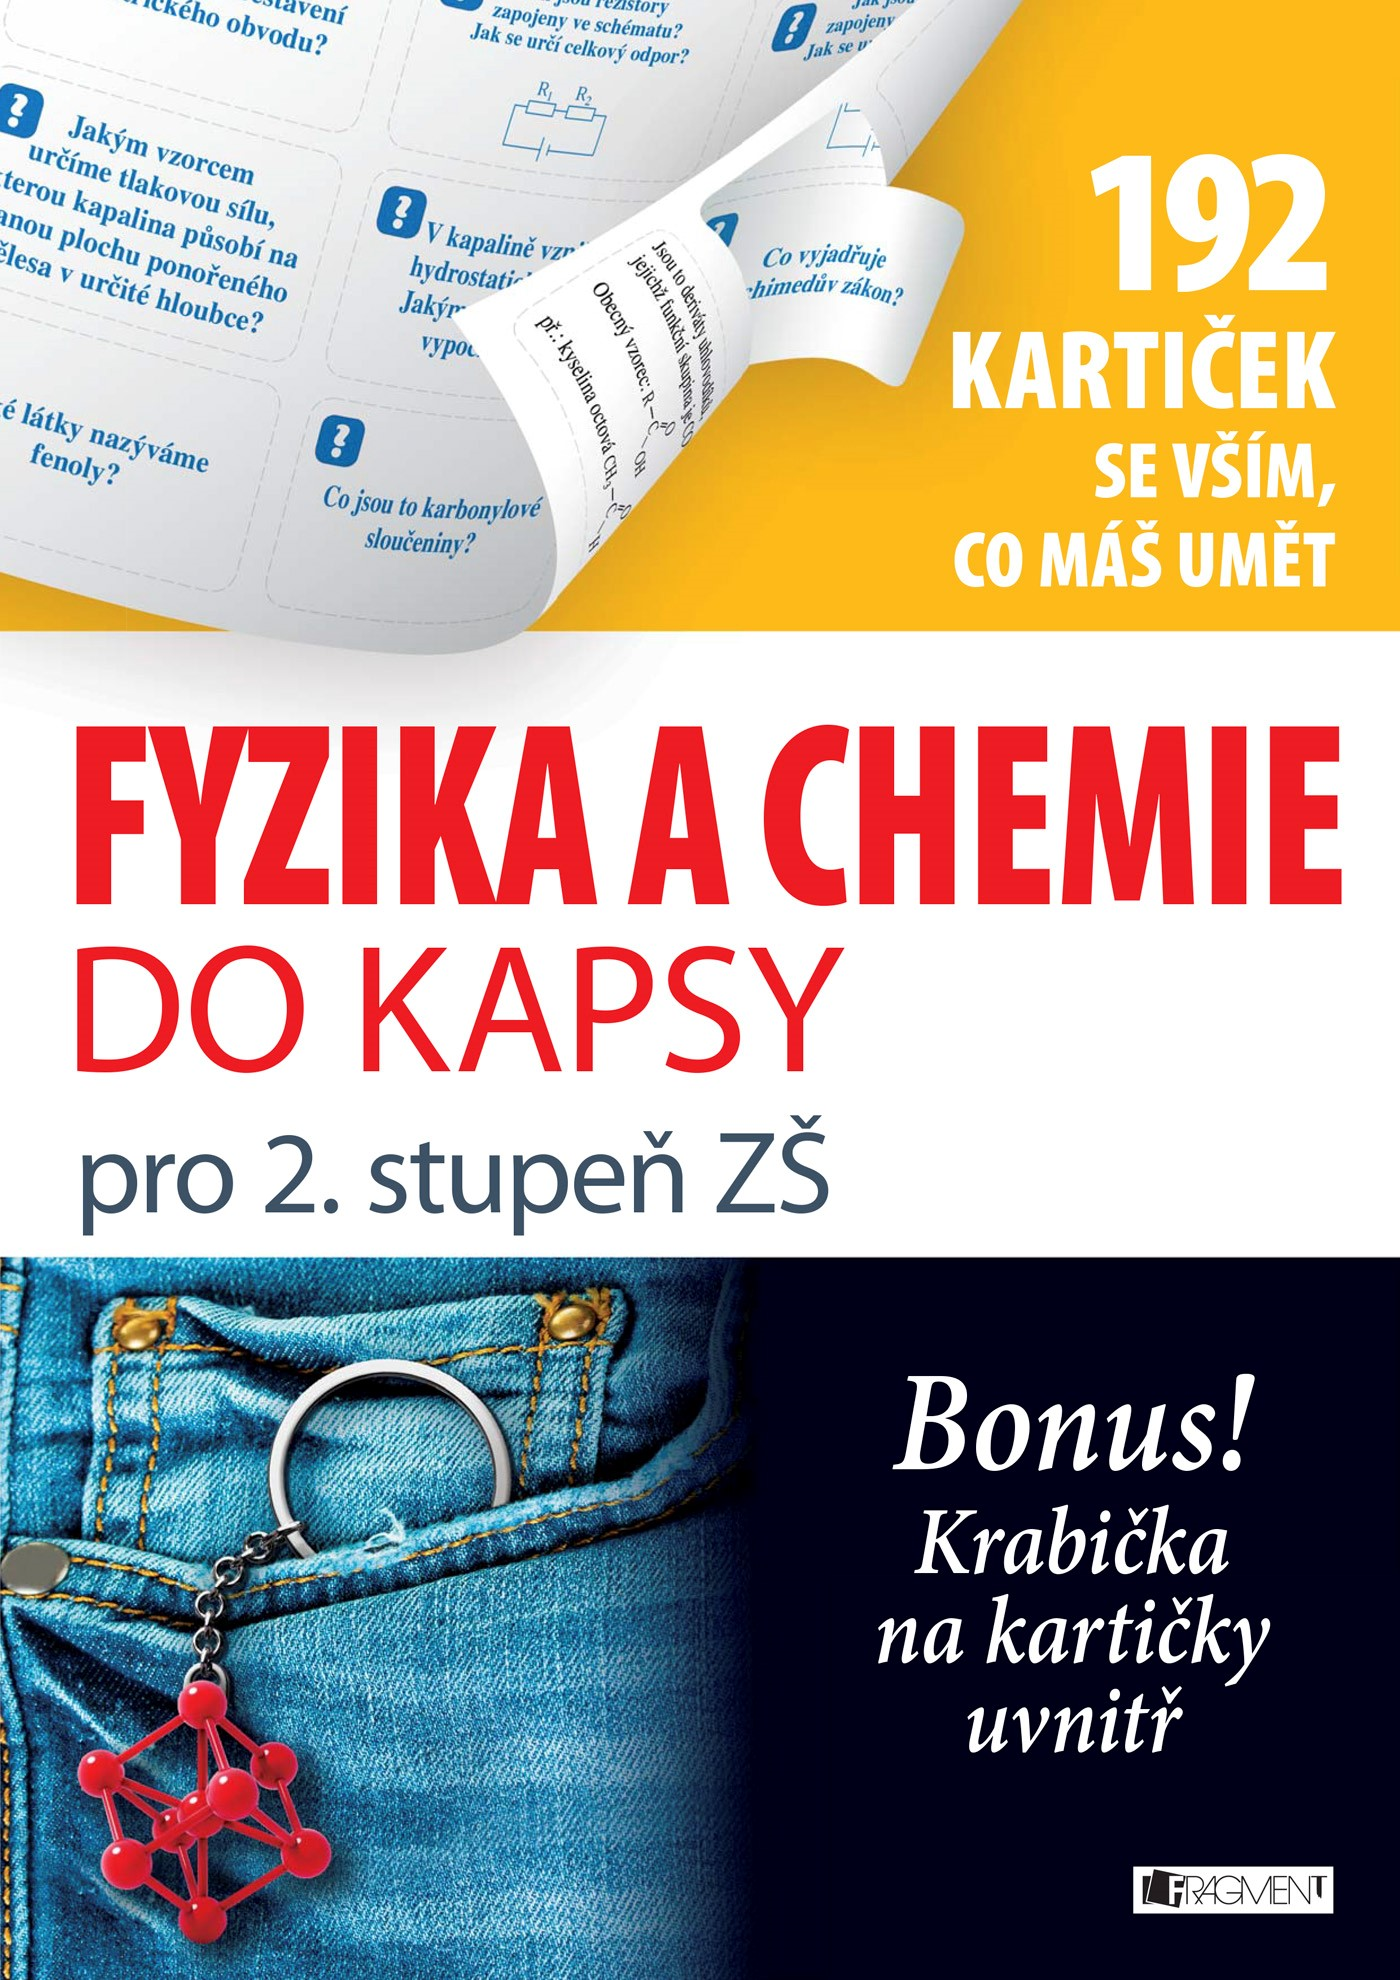 Fyzika a chemie do kapsy pro 2. stup. ZŠ  (192 kartiček)